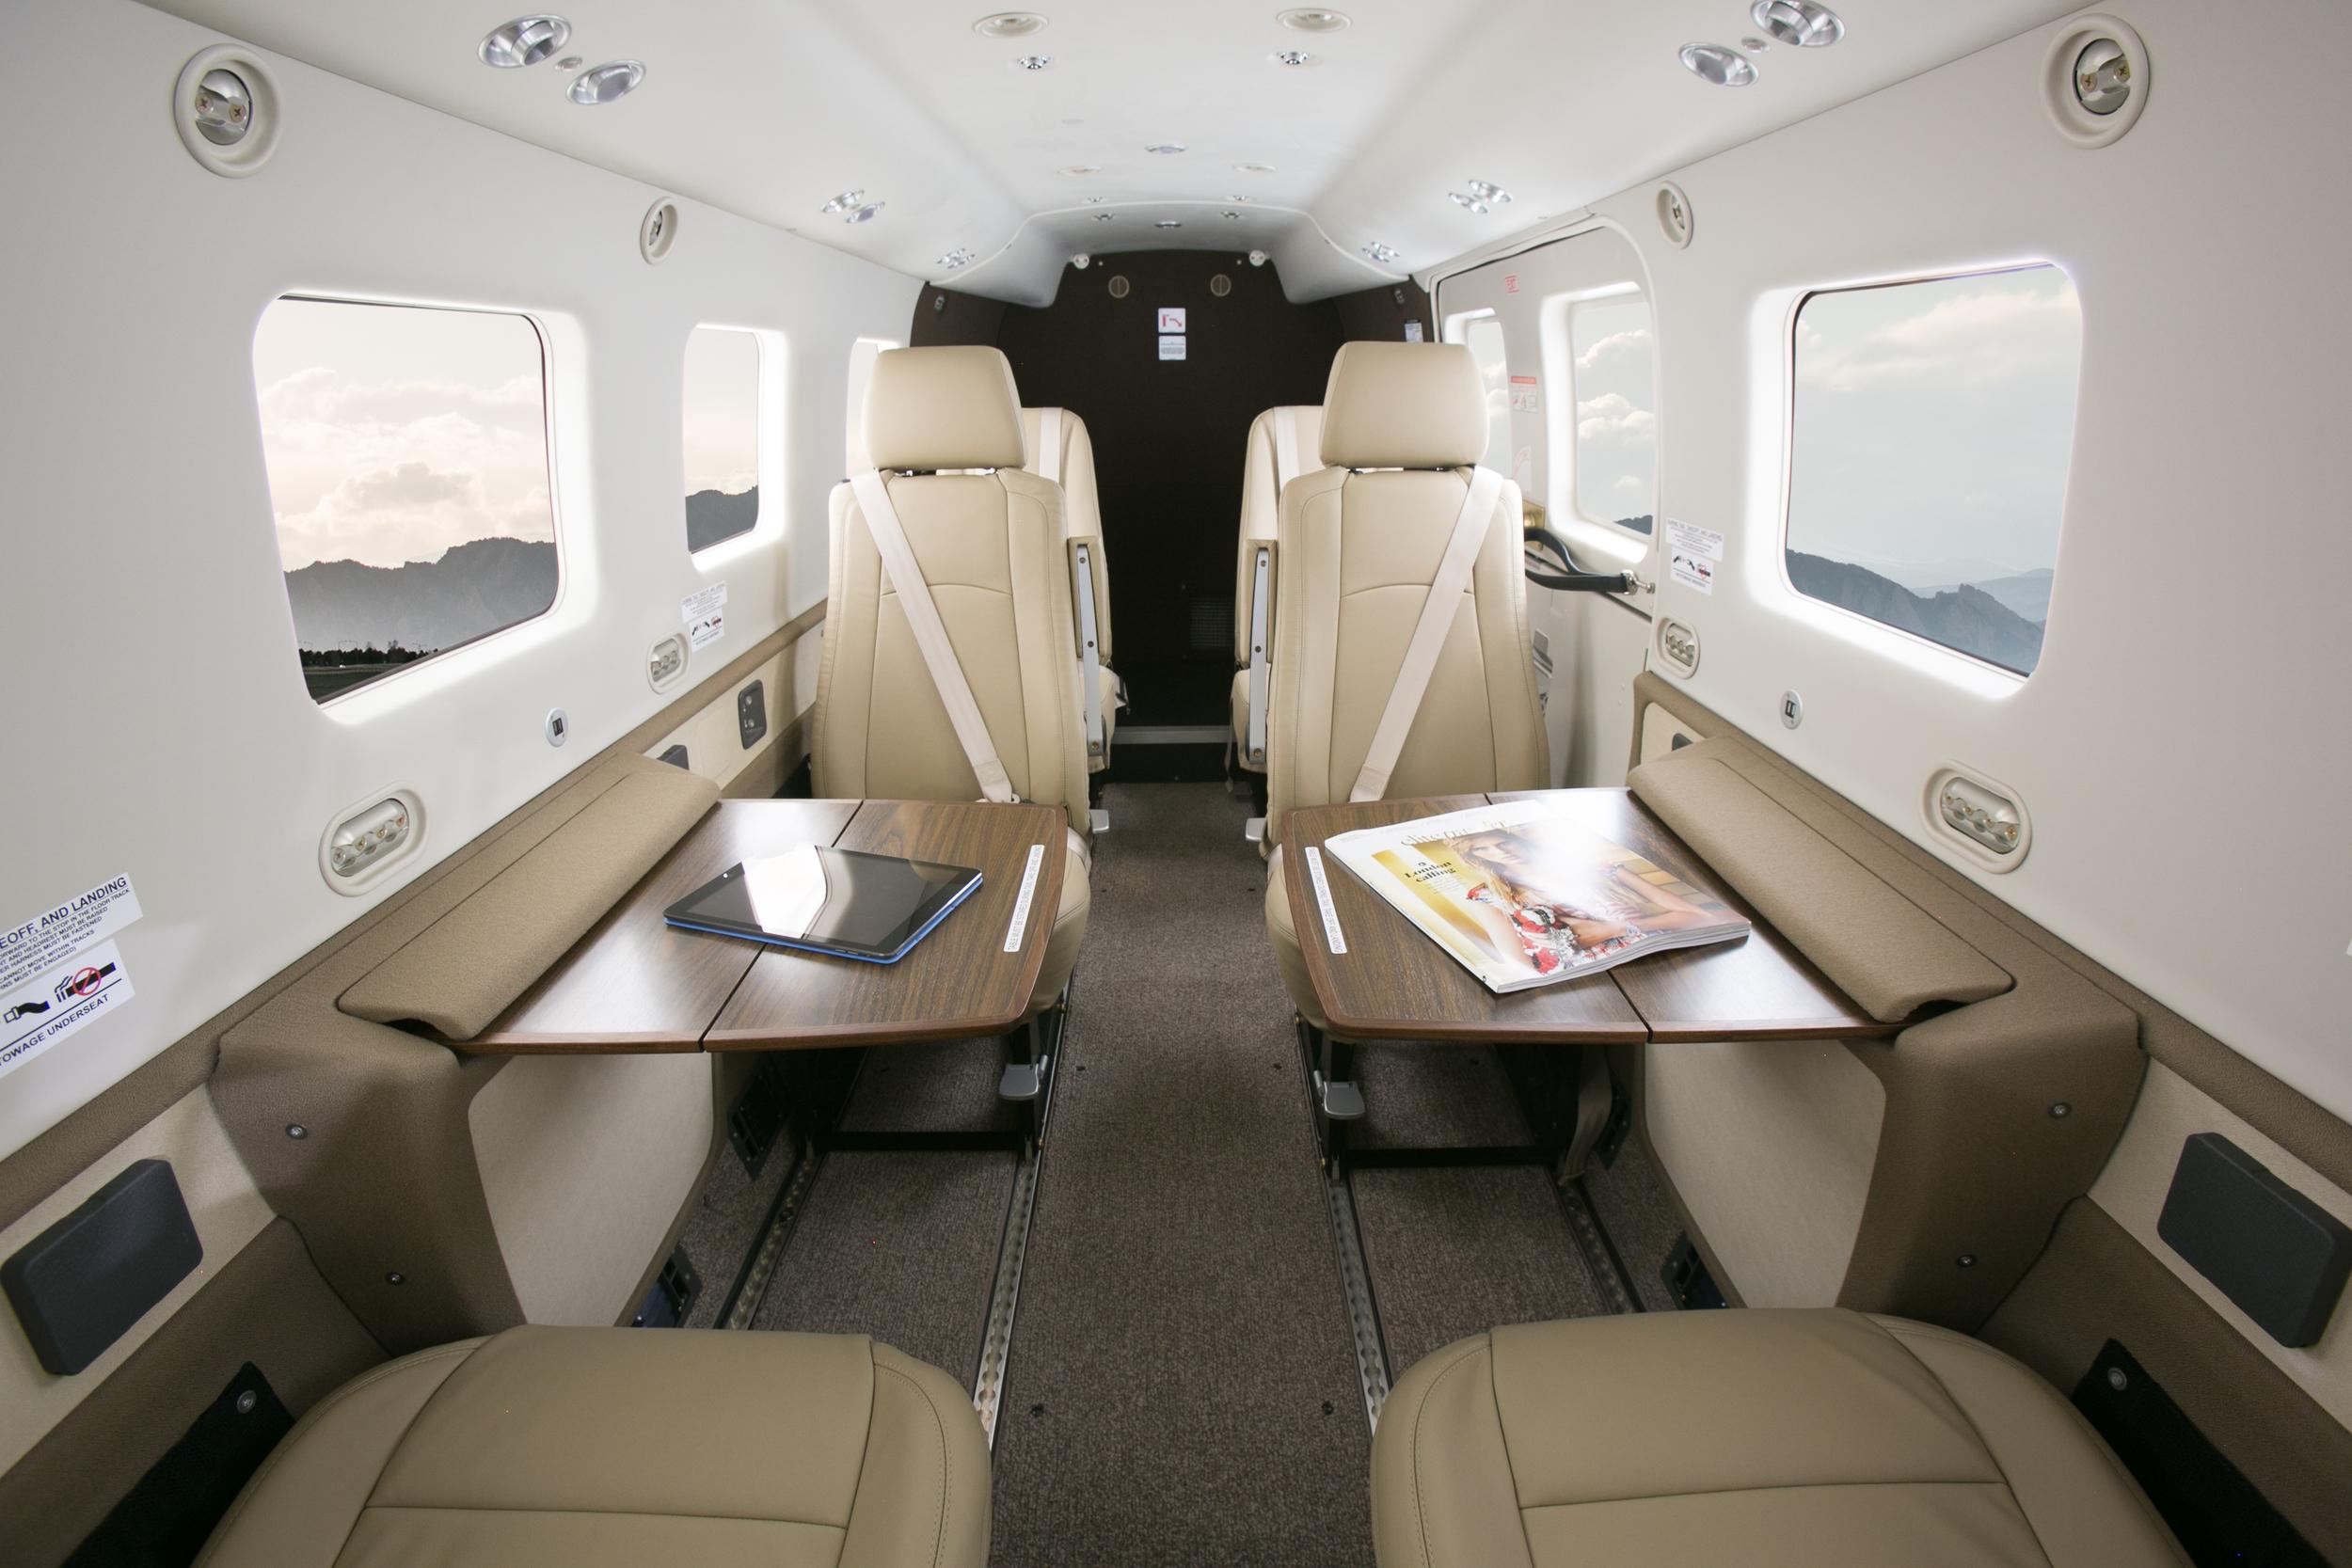 Cabin class passenger comfort